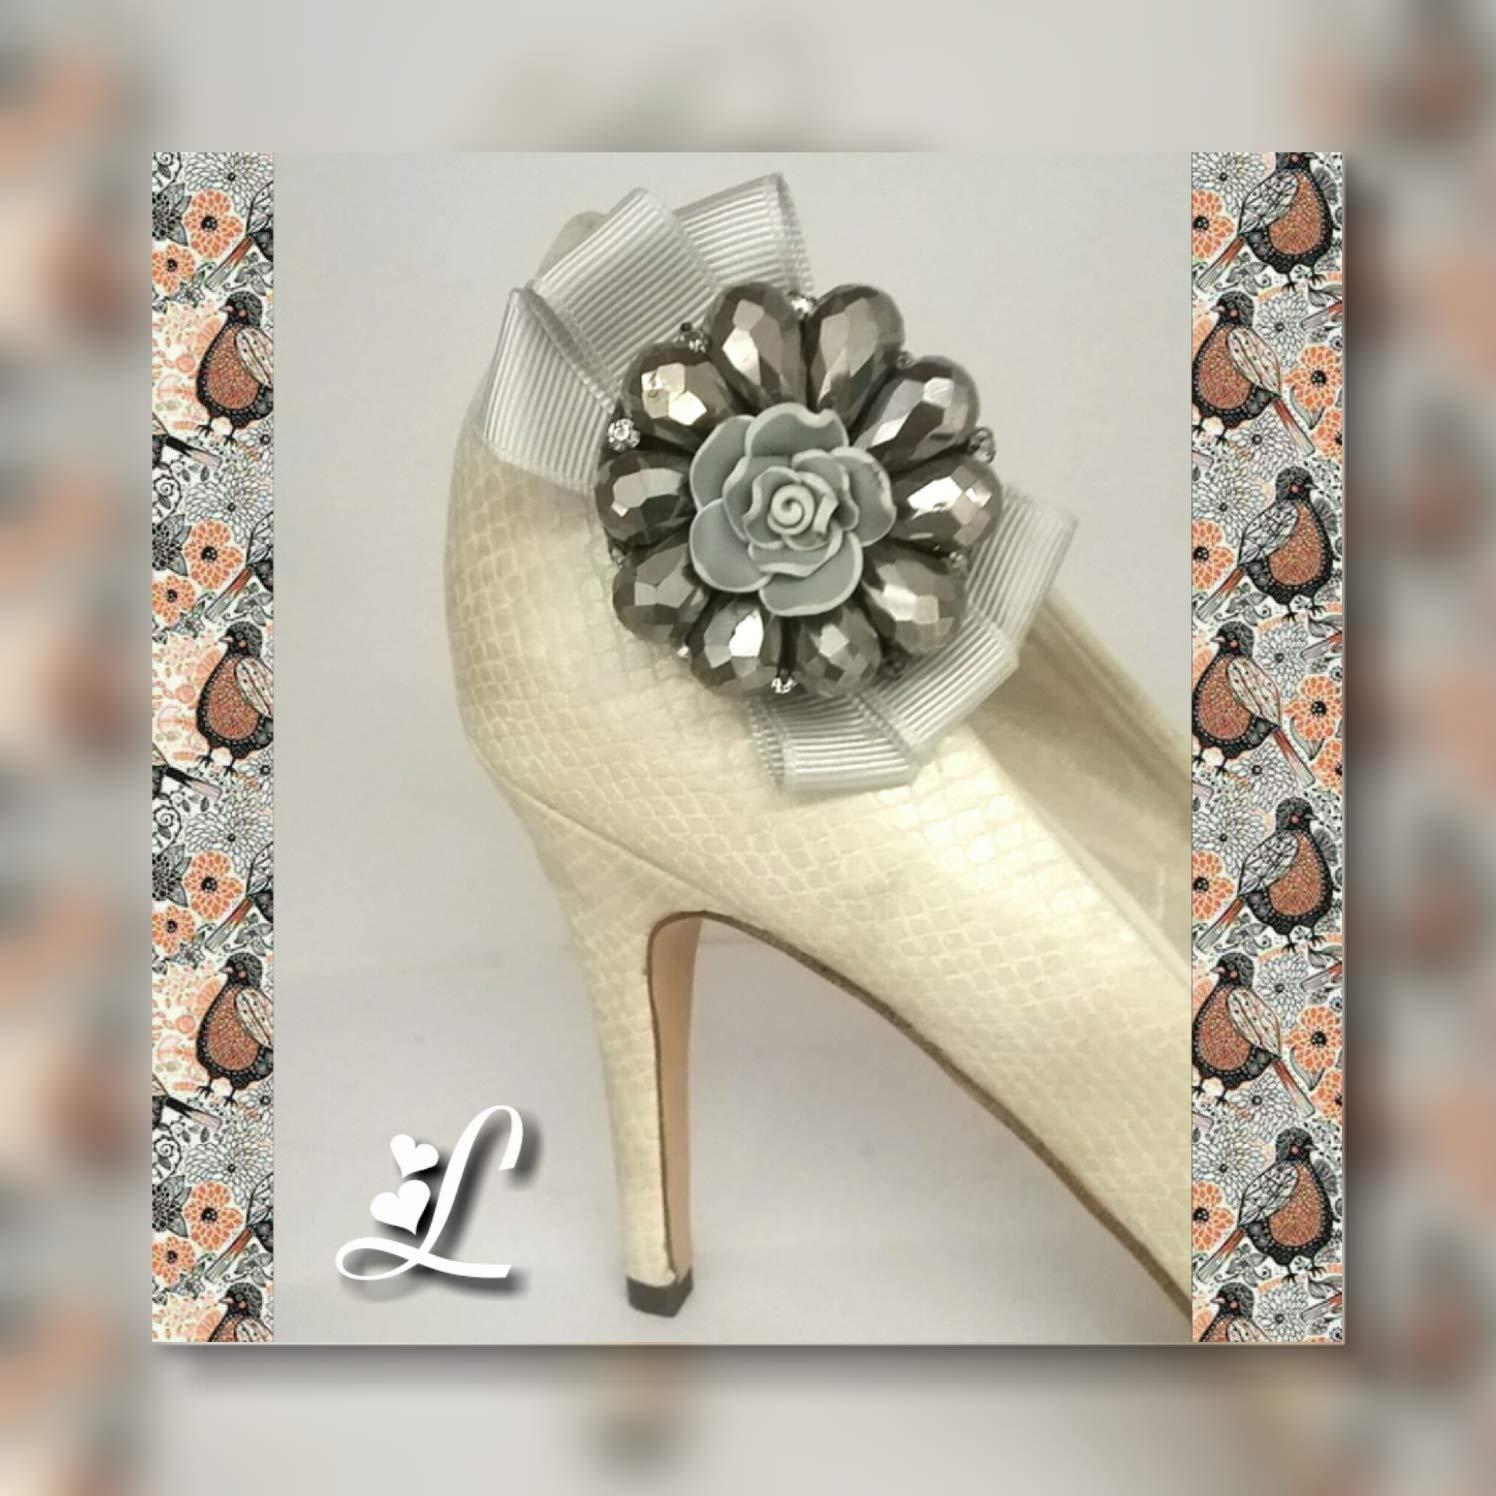 cd2e9c8a La Loria Mujer Clips de Zapatos